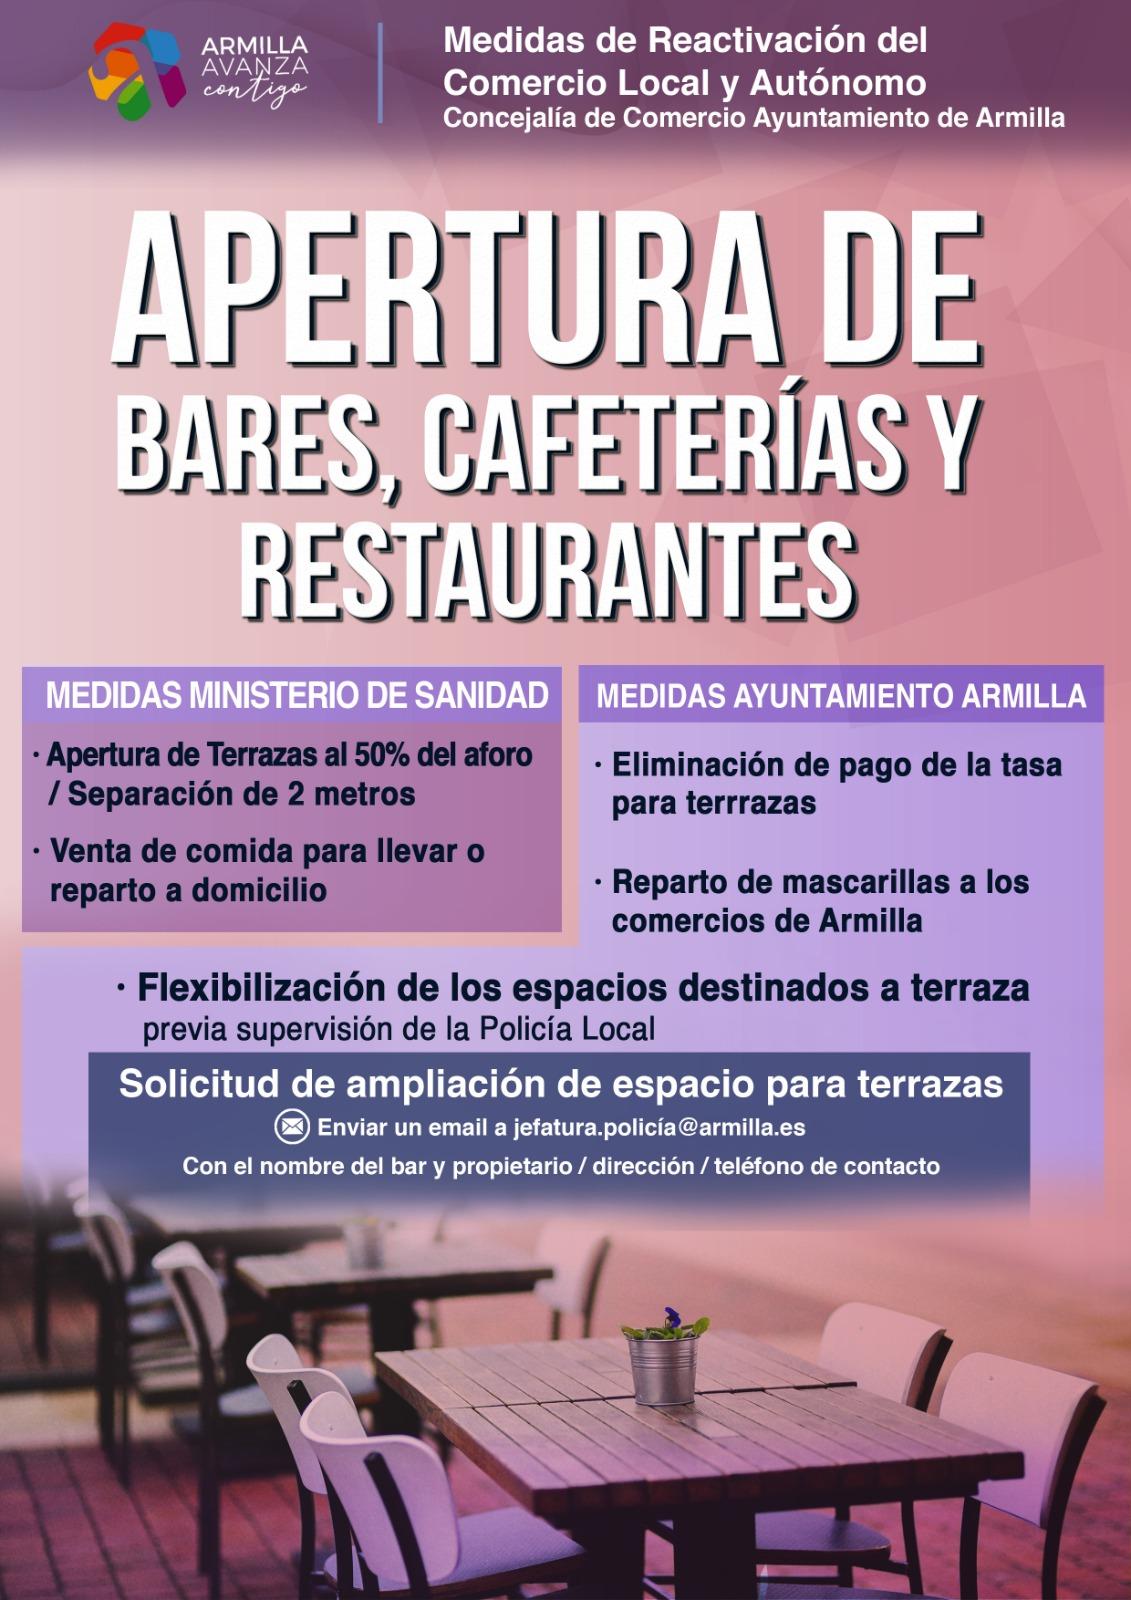 Bares, cafeterías y restaurantes de Armilla pueden solicitar la ampliación de las terrazas